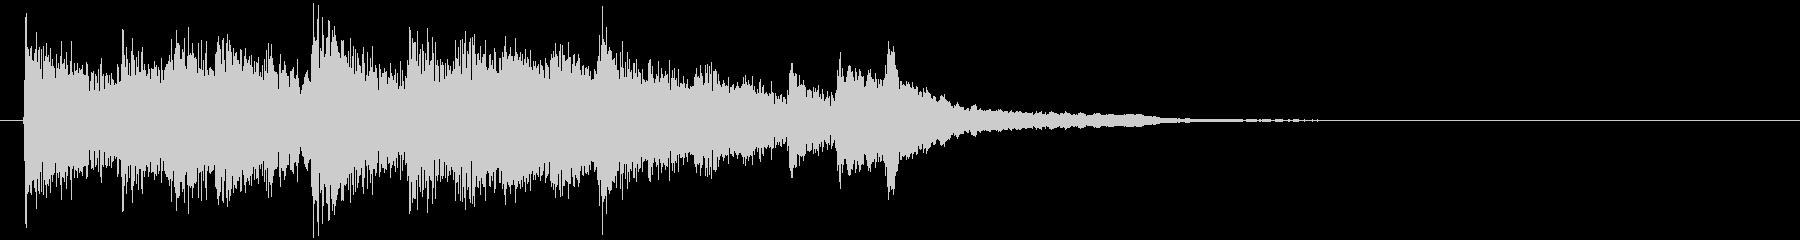 シンプルなピアノジングル/場面転換の未再生の波形